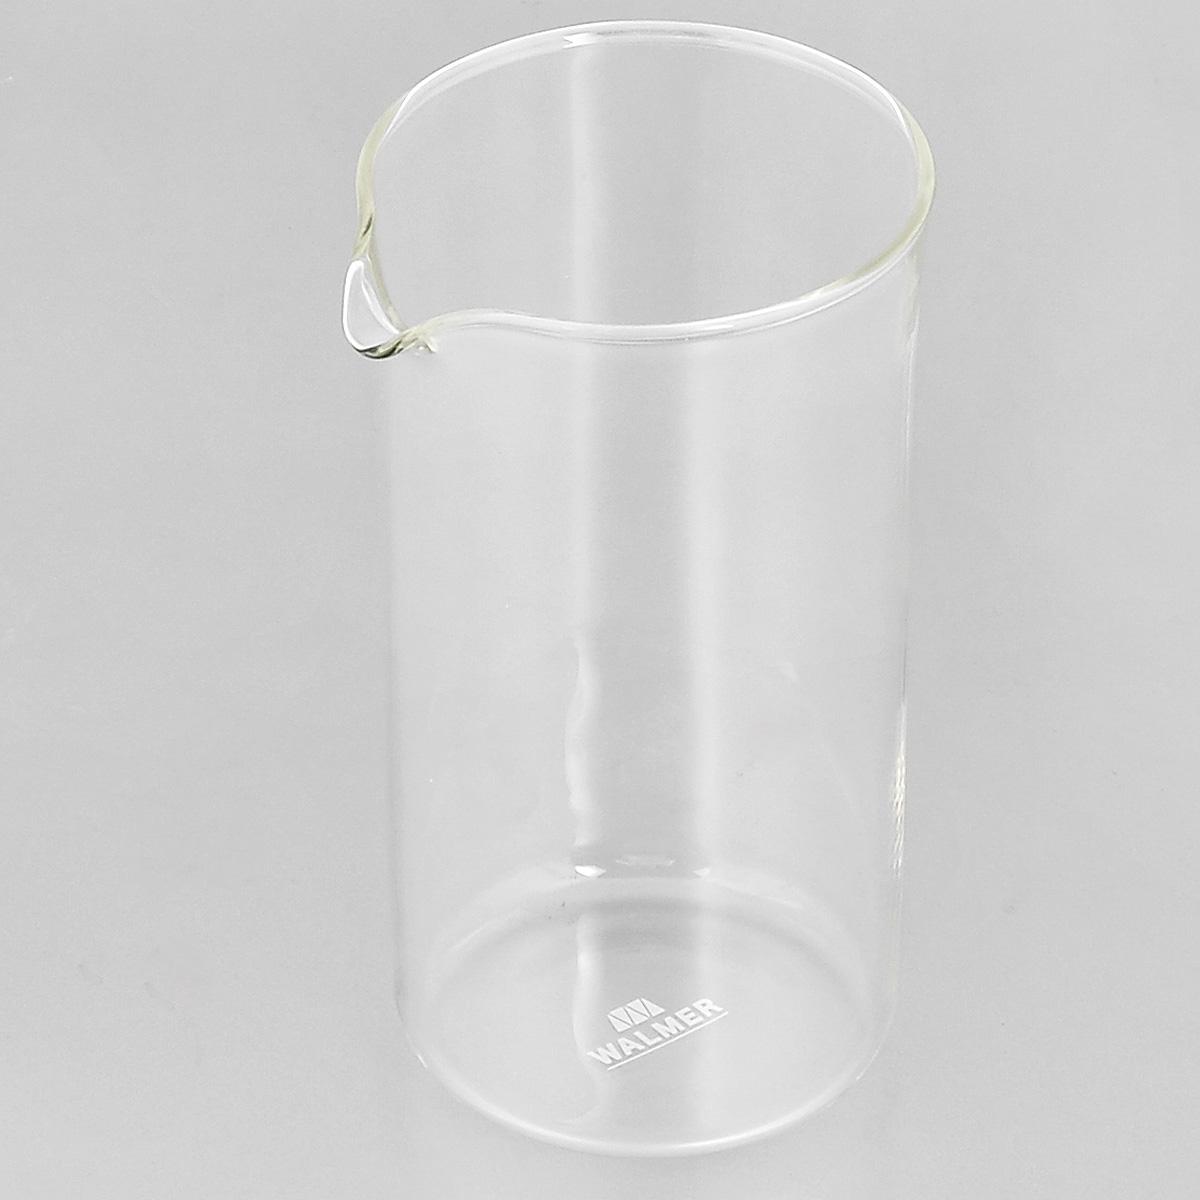 Колба для кофейников Walmer, 350 мл115510Колба Walmer, изготовленная из высококачественного прозрачного стекла, предназначена для кофейников и френч-прессов. Изделие прекрасно подойдет для замены старой разбитой колбы. Это сосуд, который напрямую контактирует с напитком, поэтому он должен быть выполнен из качественных материалов. Изделие выдерживает высокие температуры и не мутнеет при многократном мытье. Данная колба прослужит вам надежно и долго.Можно мыть в посудомоечной машине.Диаметр: 7 см.Высота: 13,5 см.Объем: 350 мл.